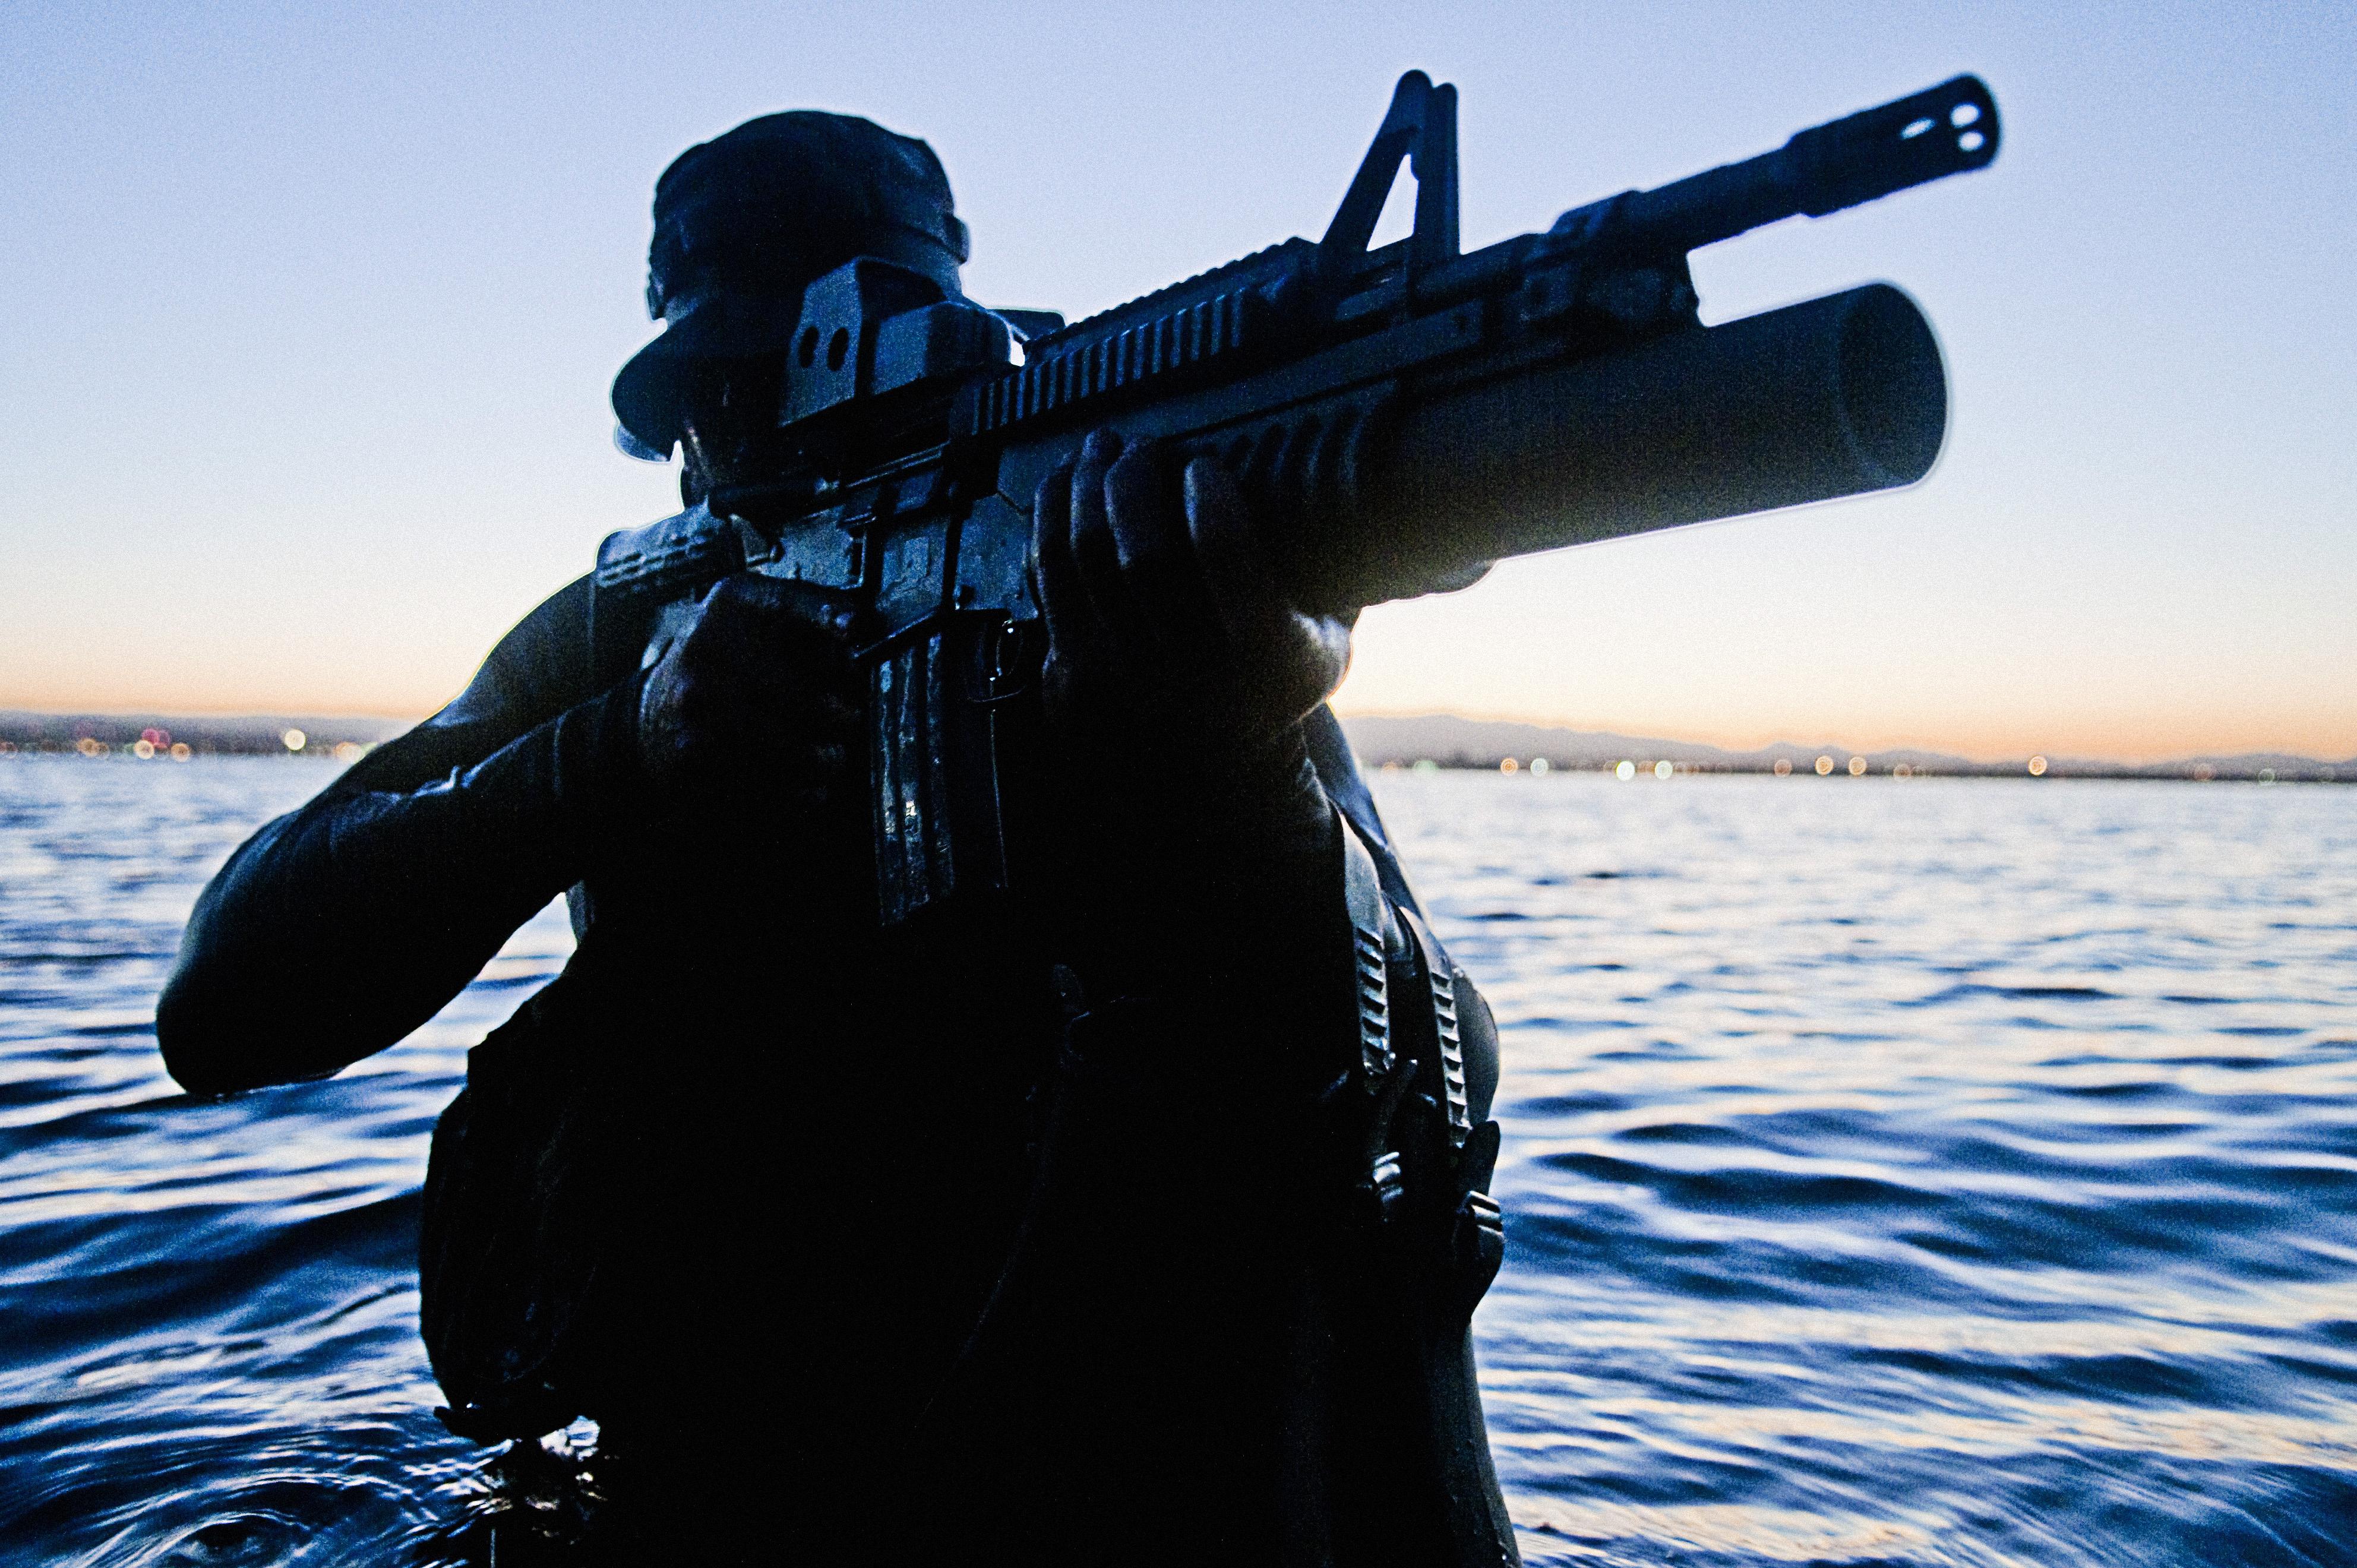 commonswikimediaorgwikiFileUnited States Navy SEALs 290jpg 3968x2640